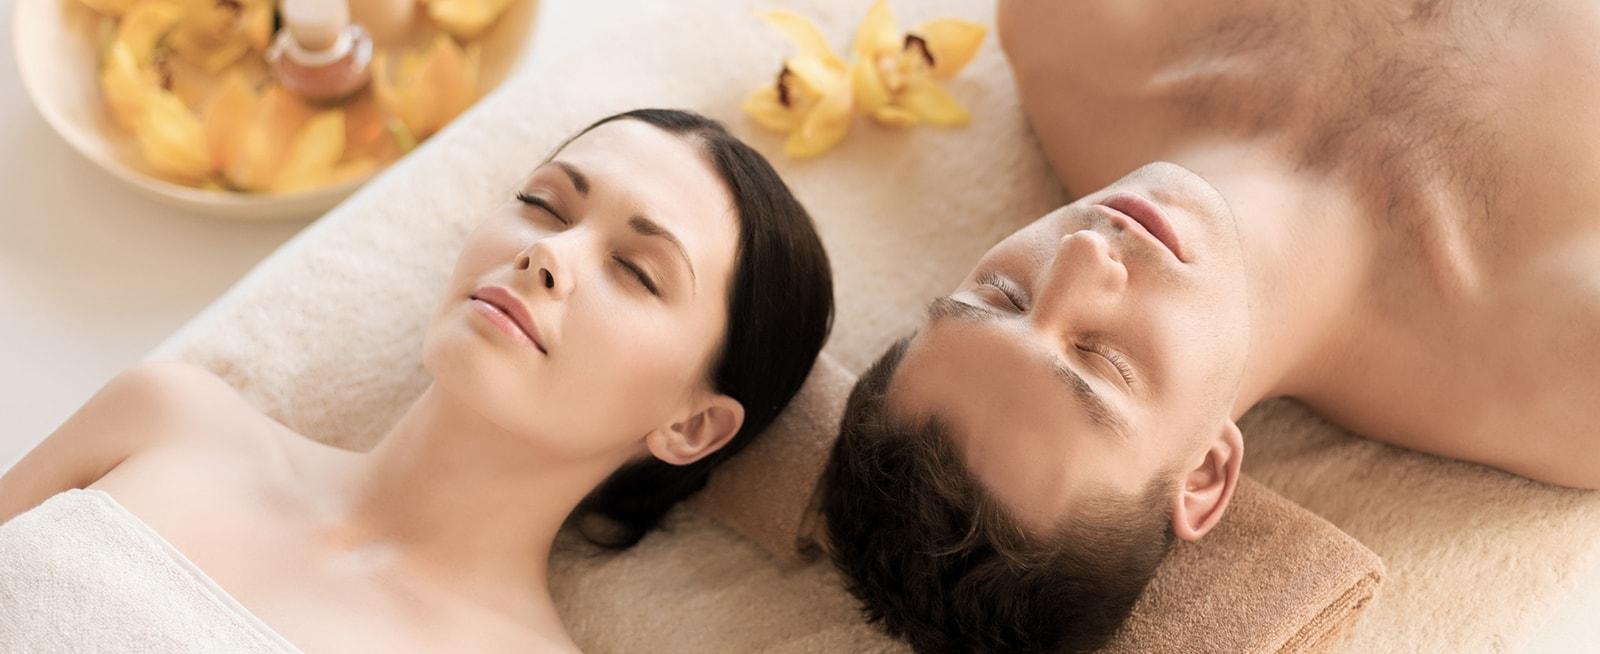 Beauty for Men - Cosmetic Procedures Men Should Consider - Austin, Texas